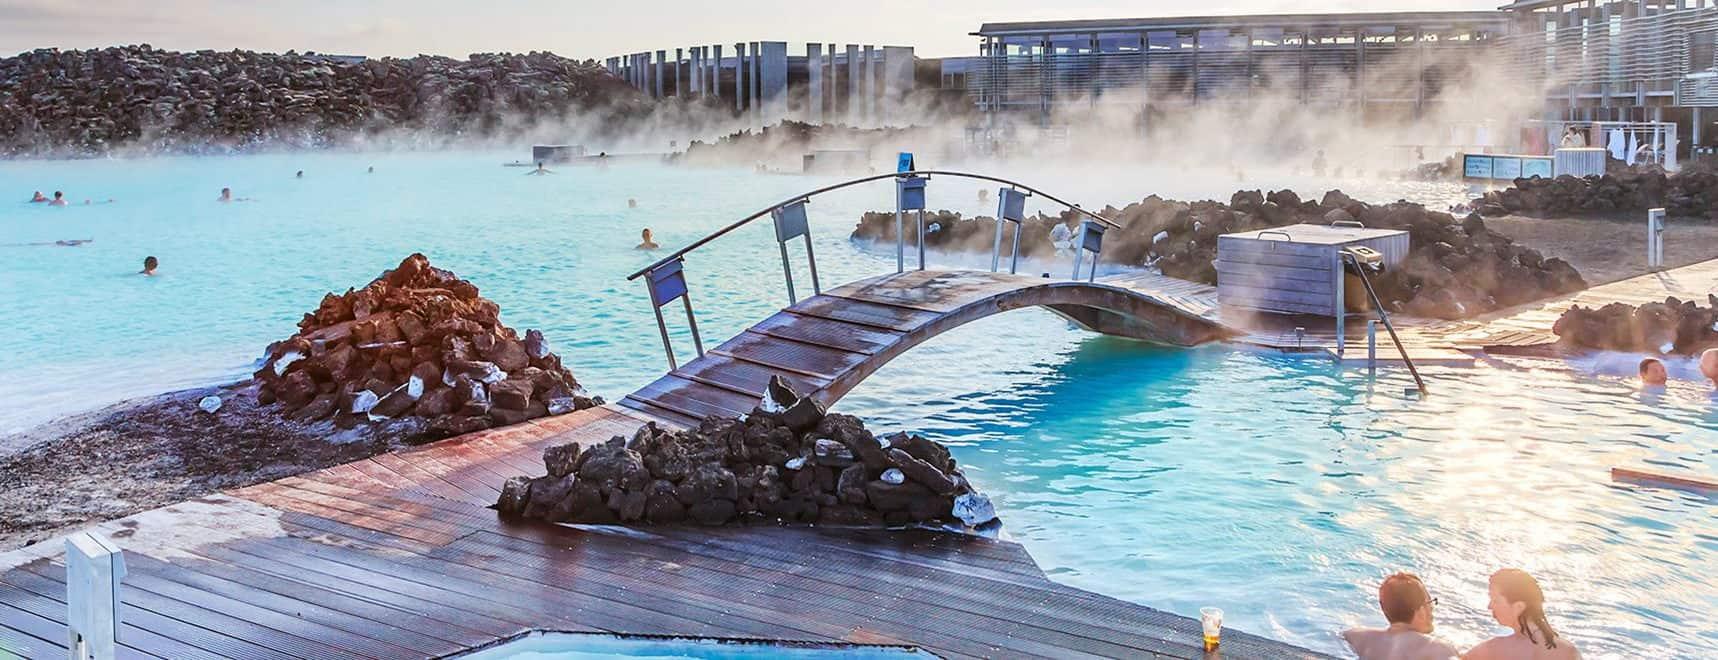 honeymoon Europe Iceland Turquoise lake